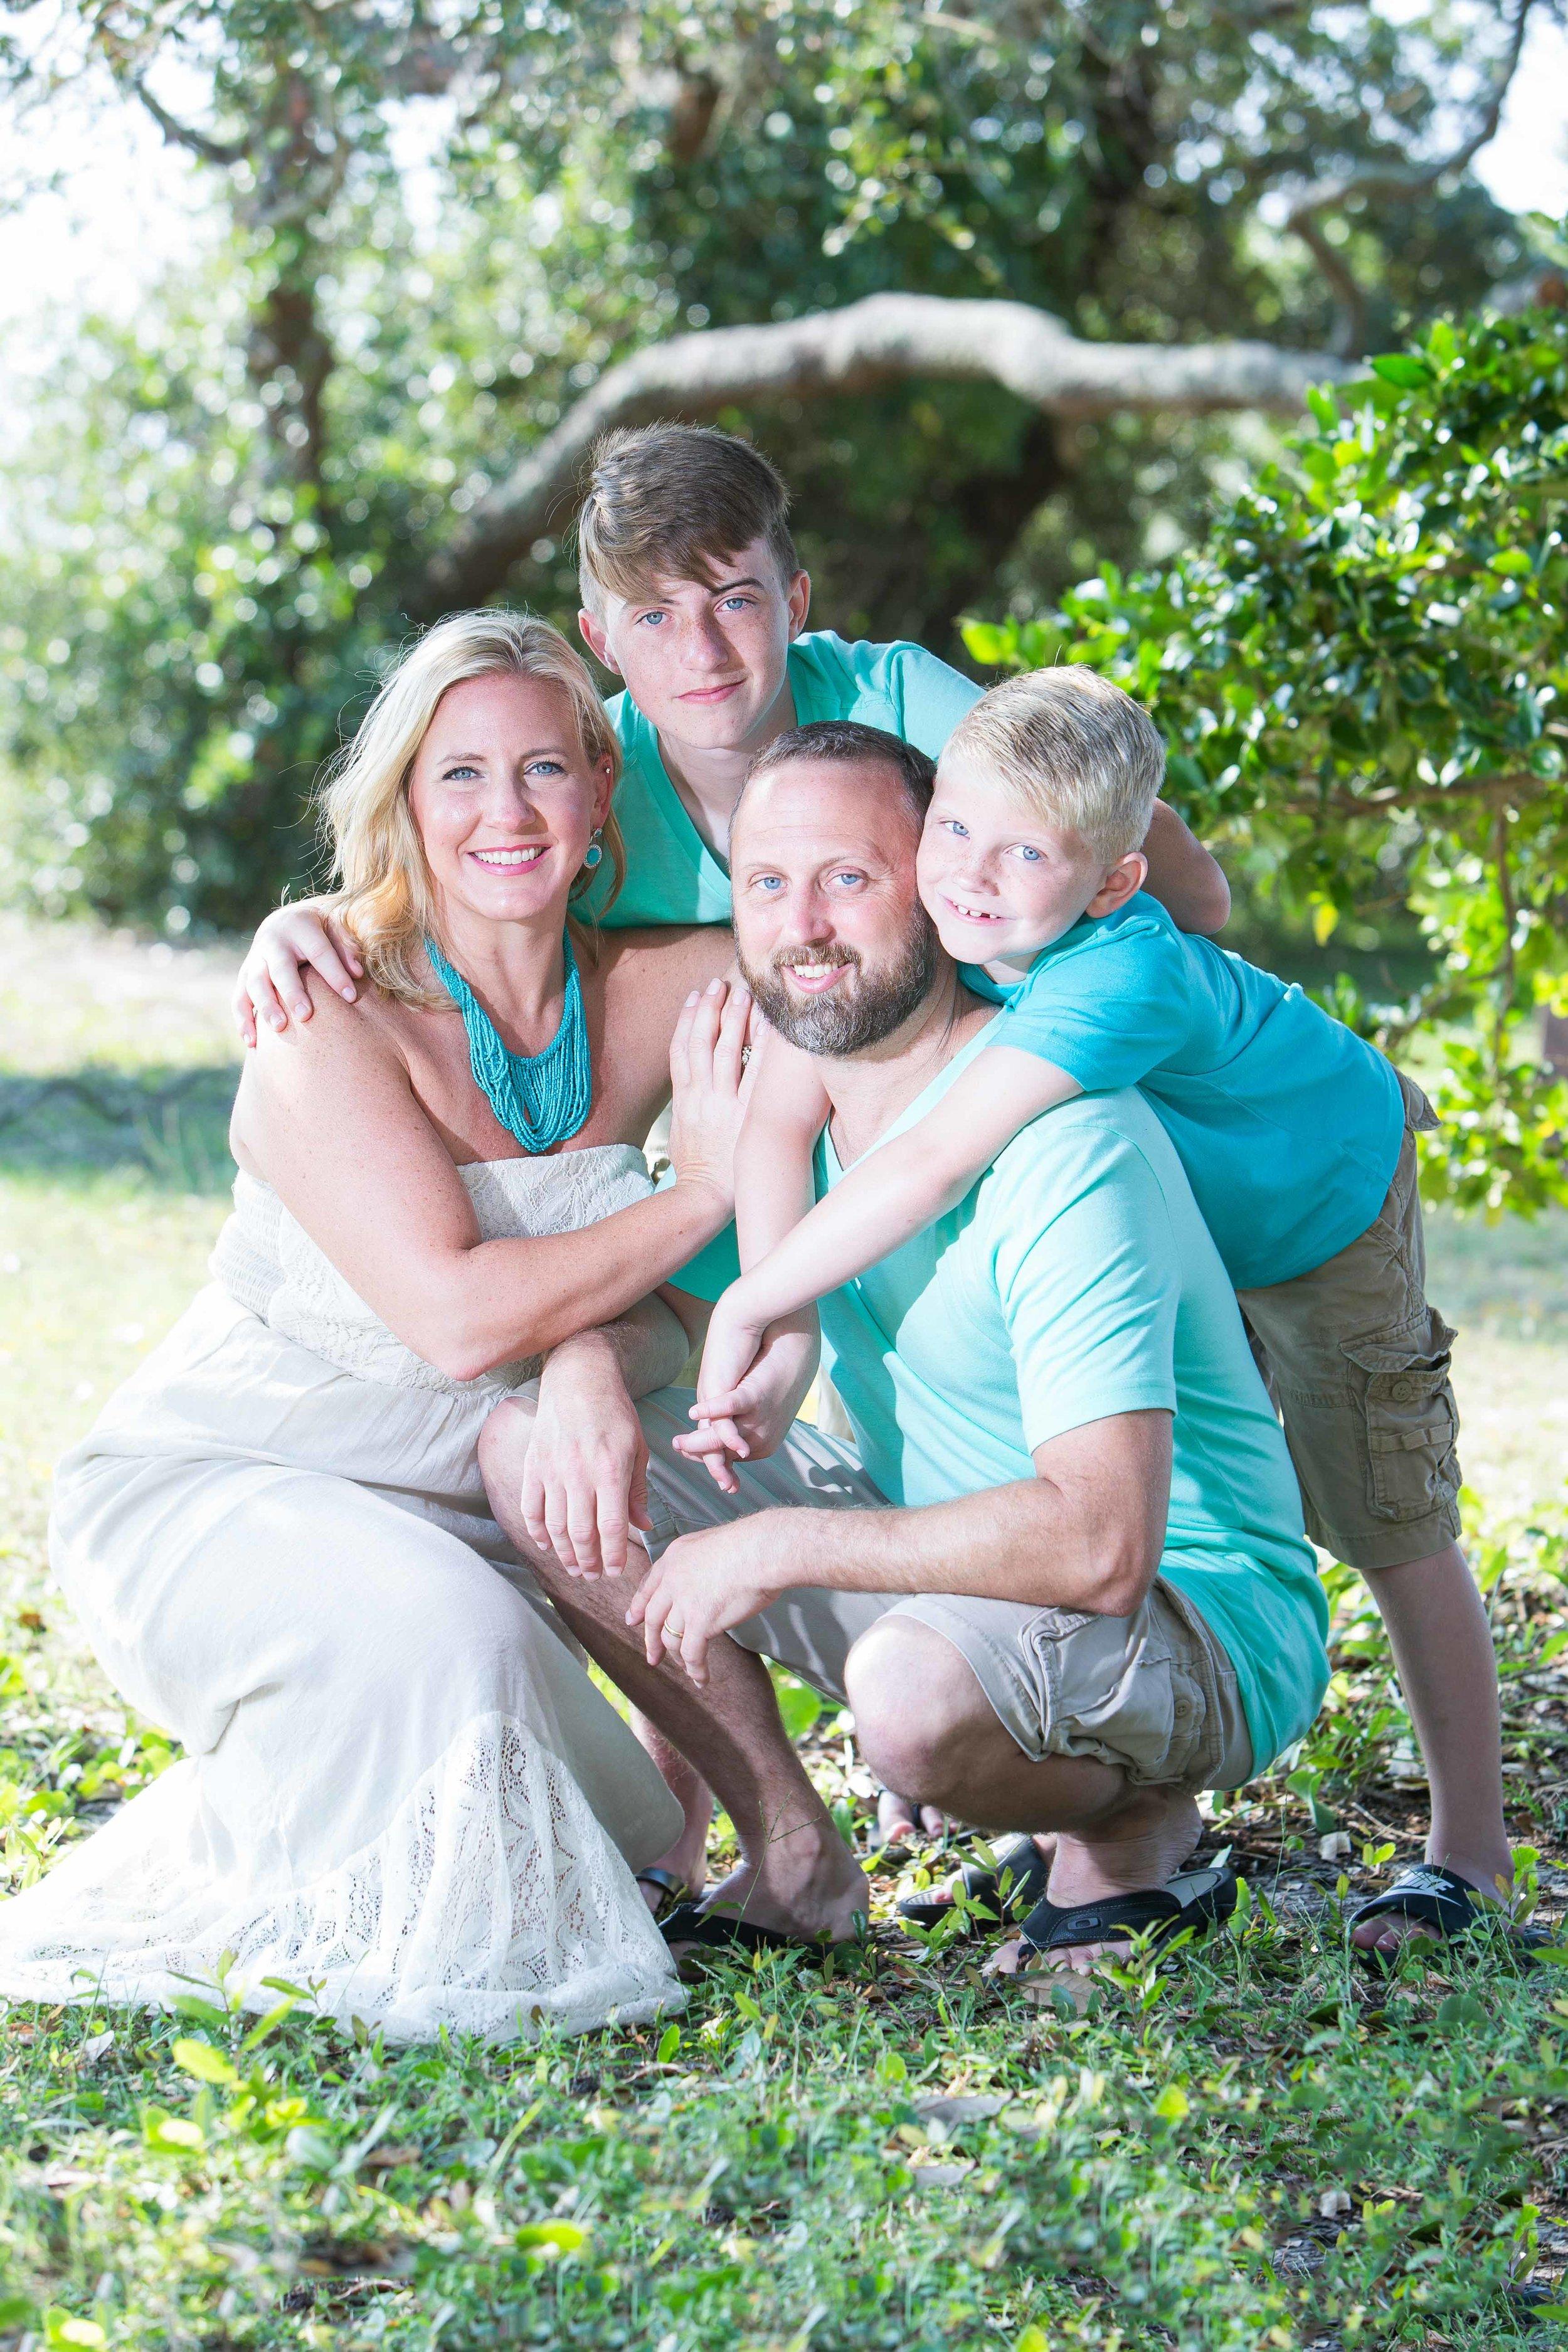 Myrtle beach family photographer ramona nicolae photography beach photos-14.jpg